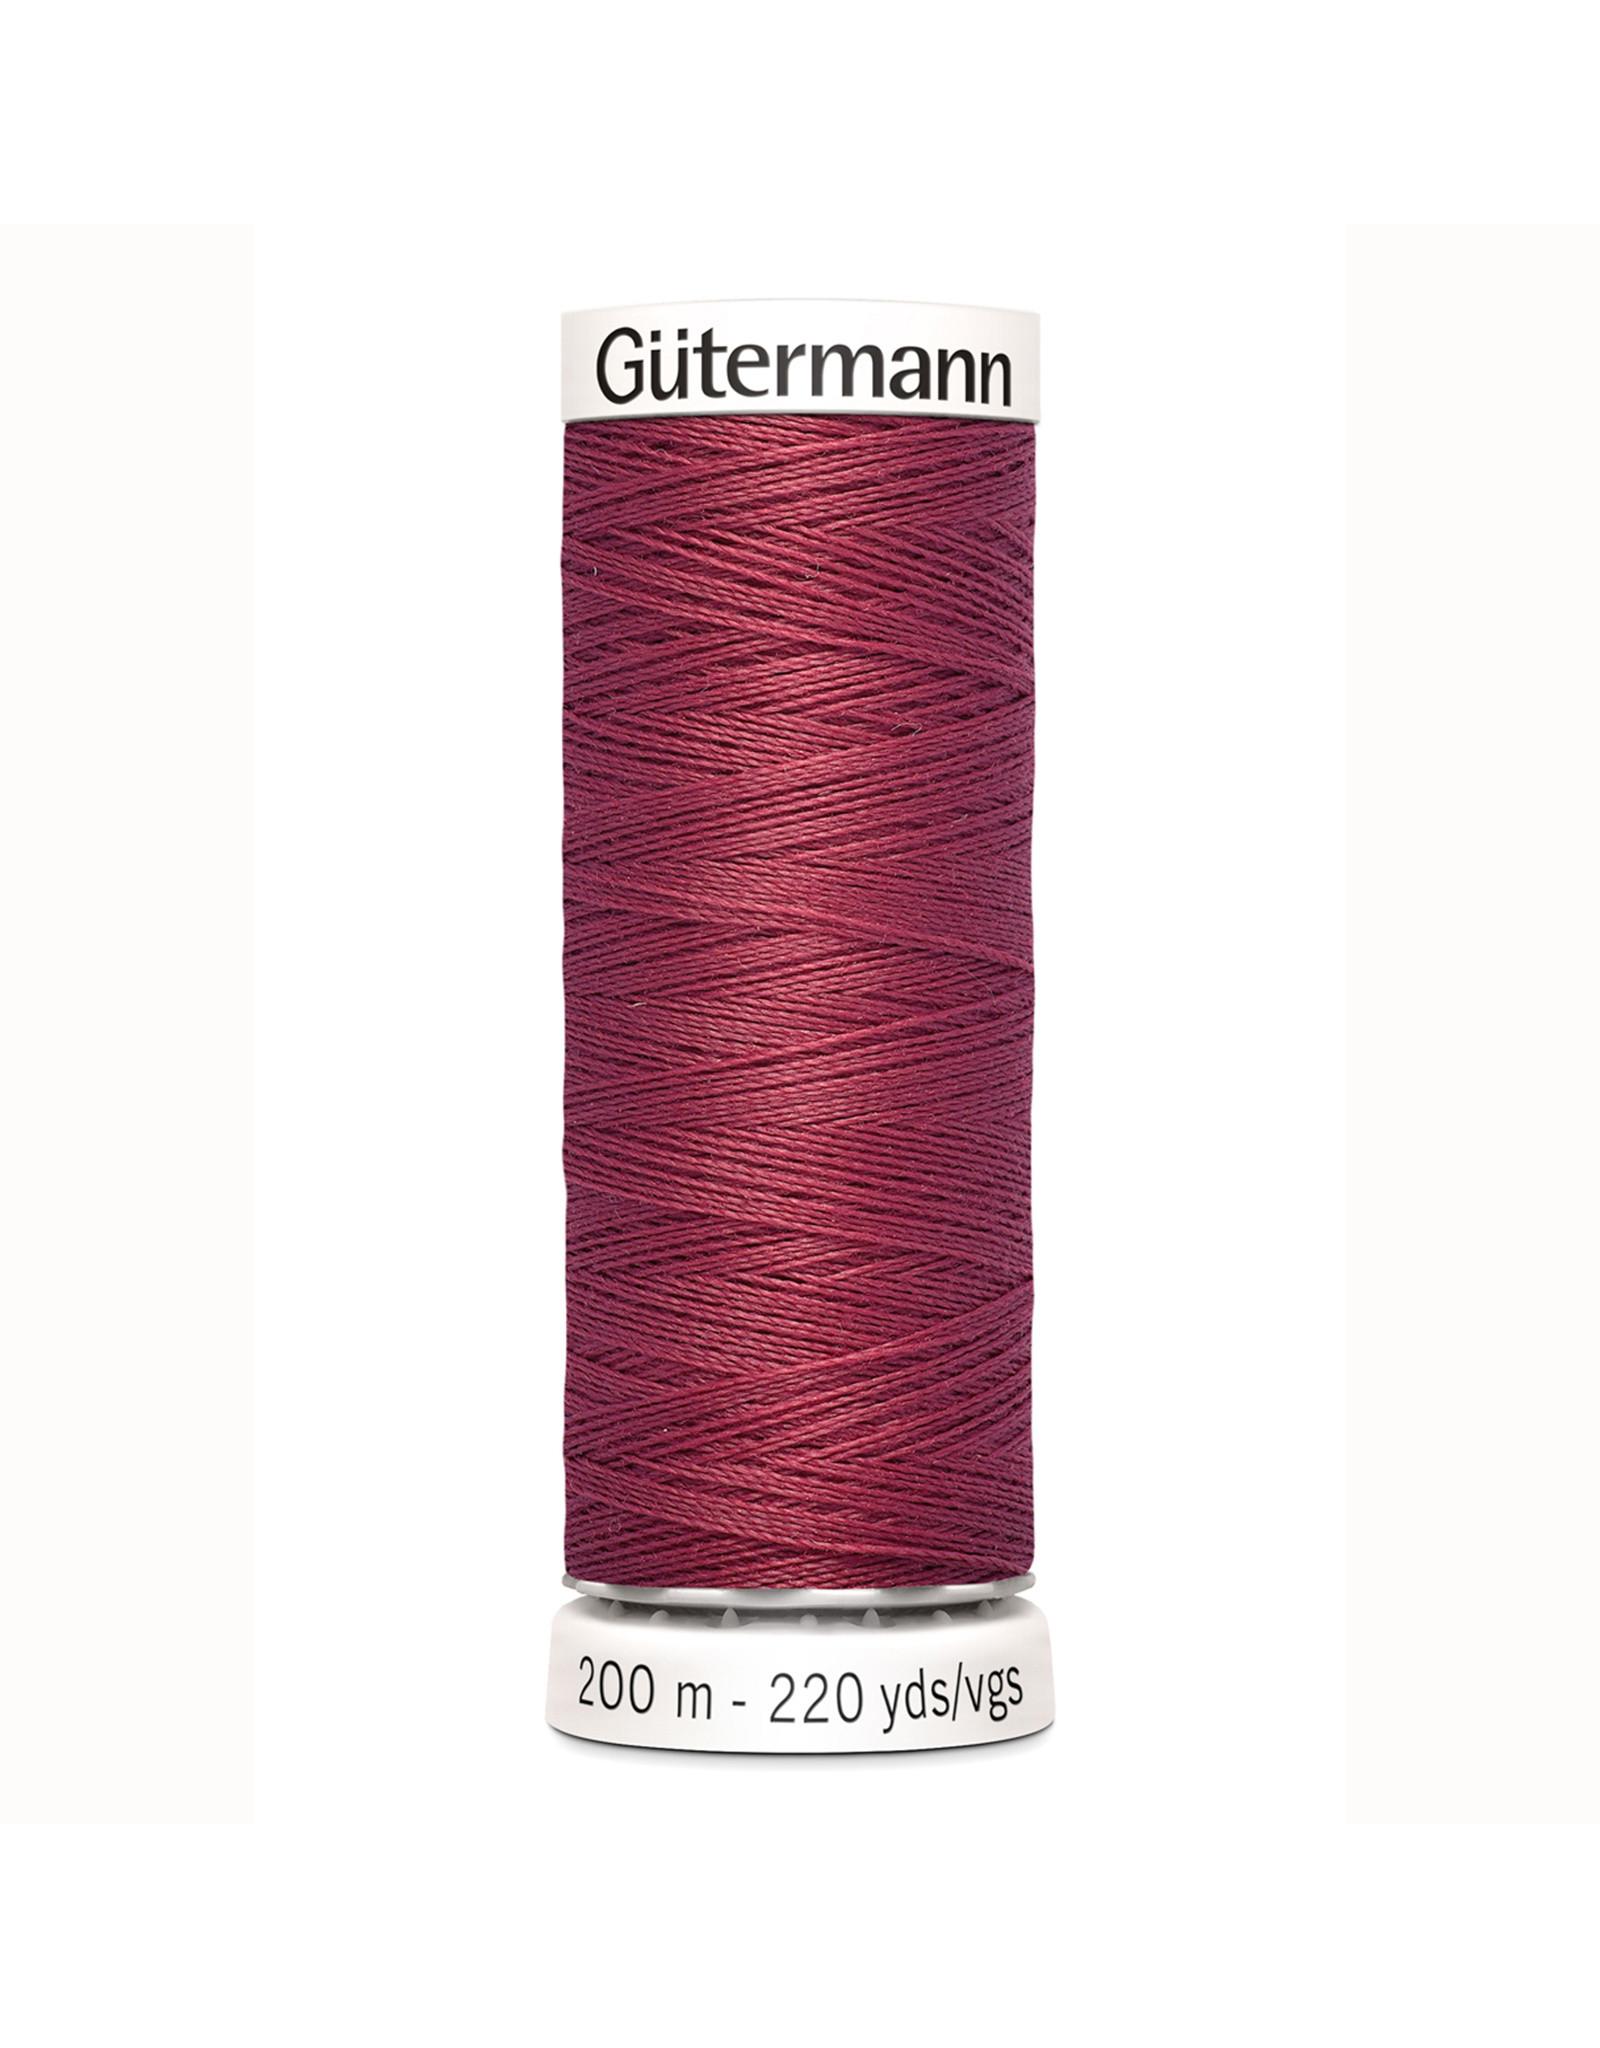 Gütermann Gütermann Nähgarn 200 m - nr 730